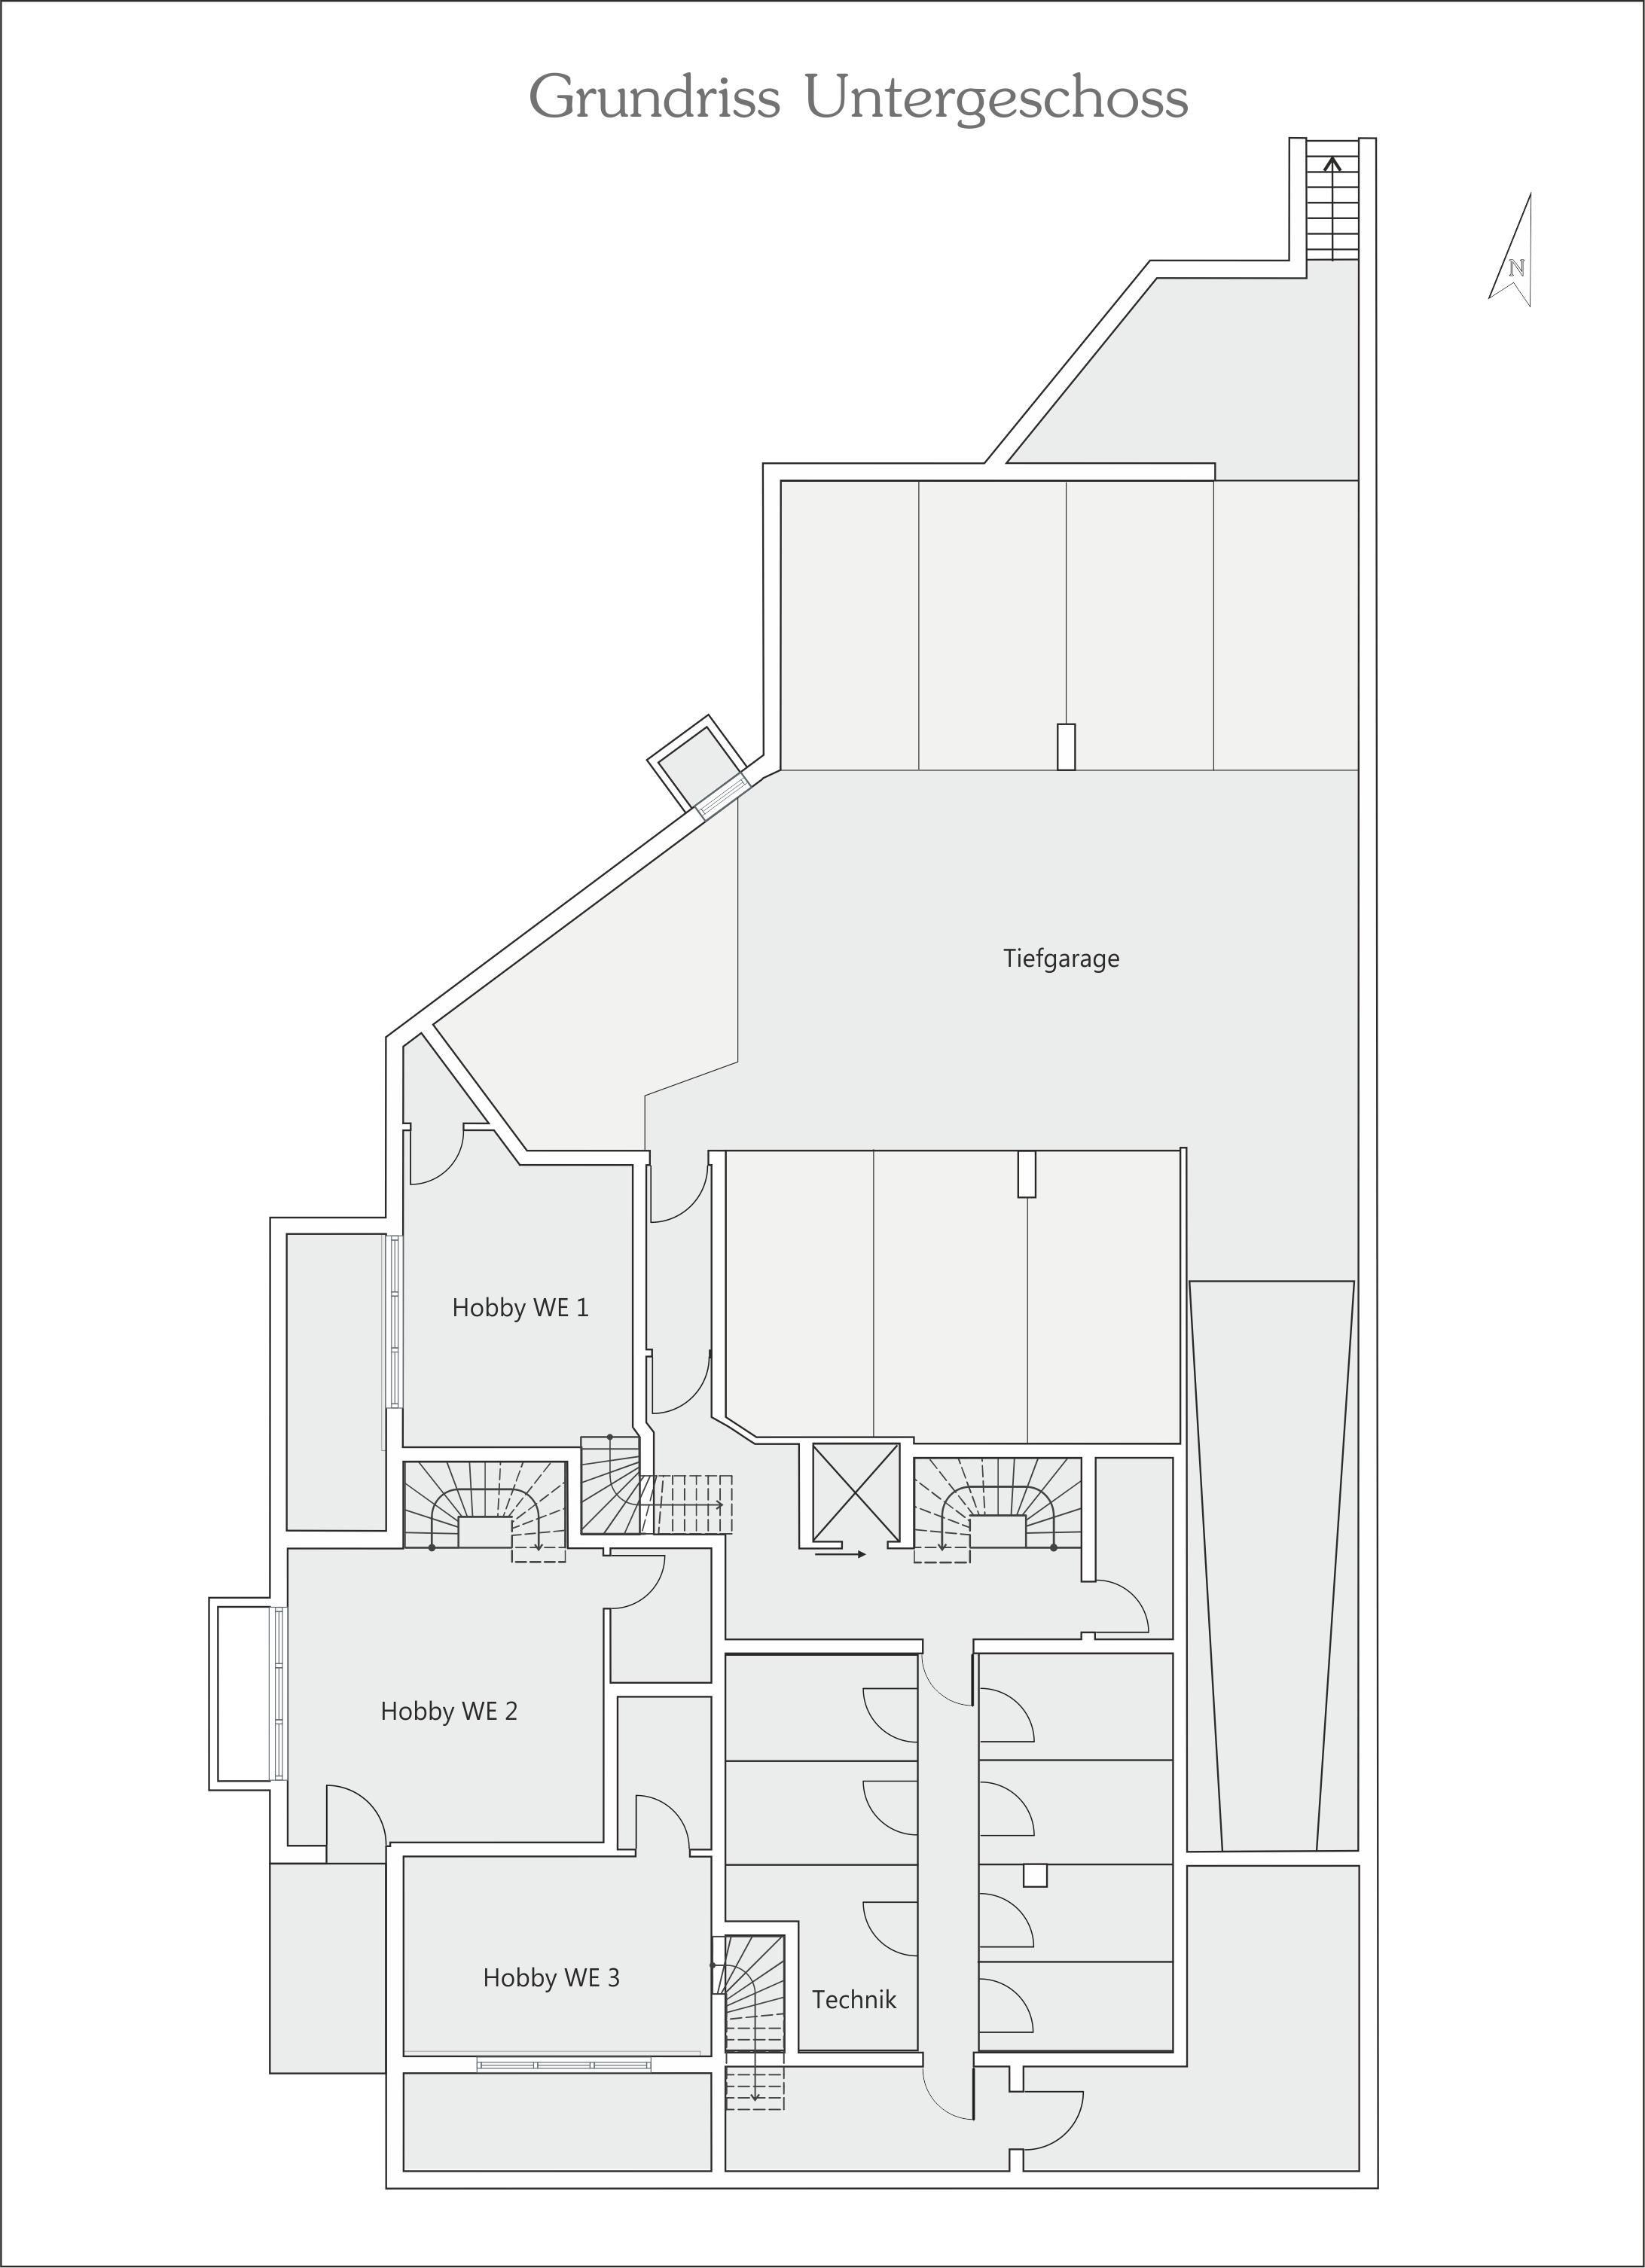 Ungewöhnlich Grundriss Mit Elektrischem Layout Ideen - Die Besten ...